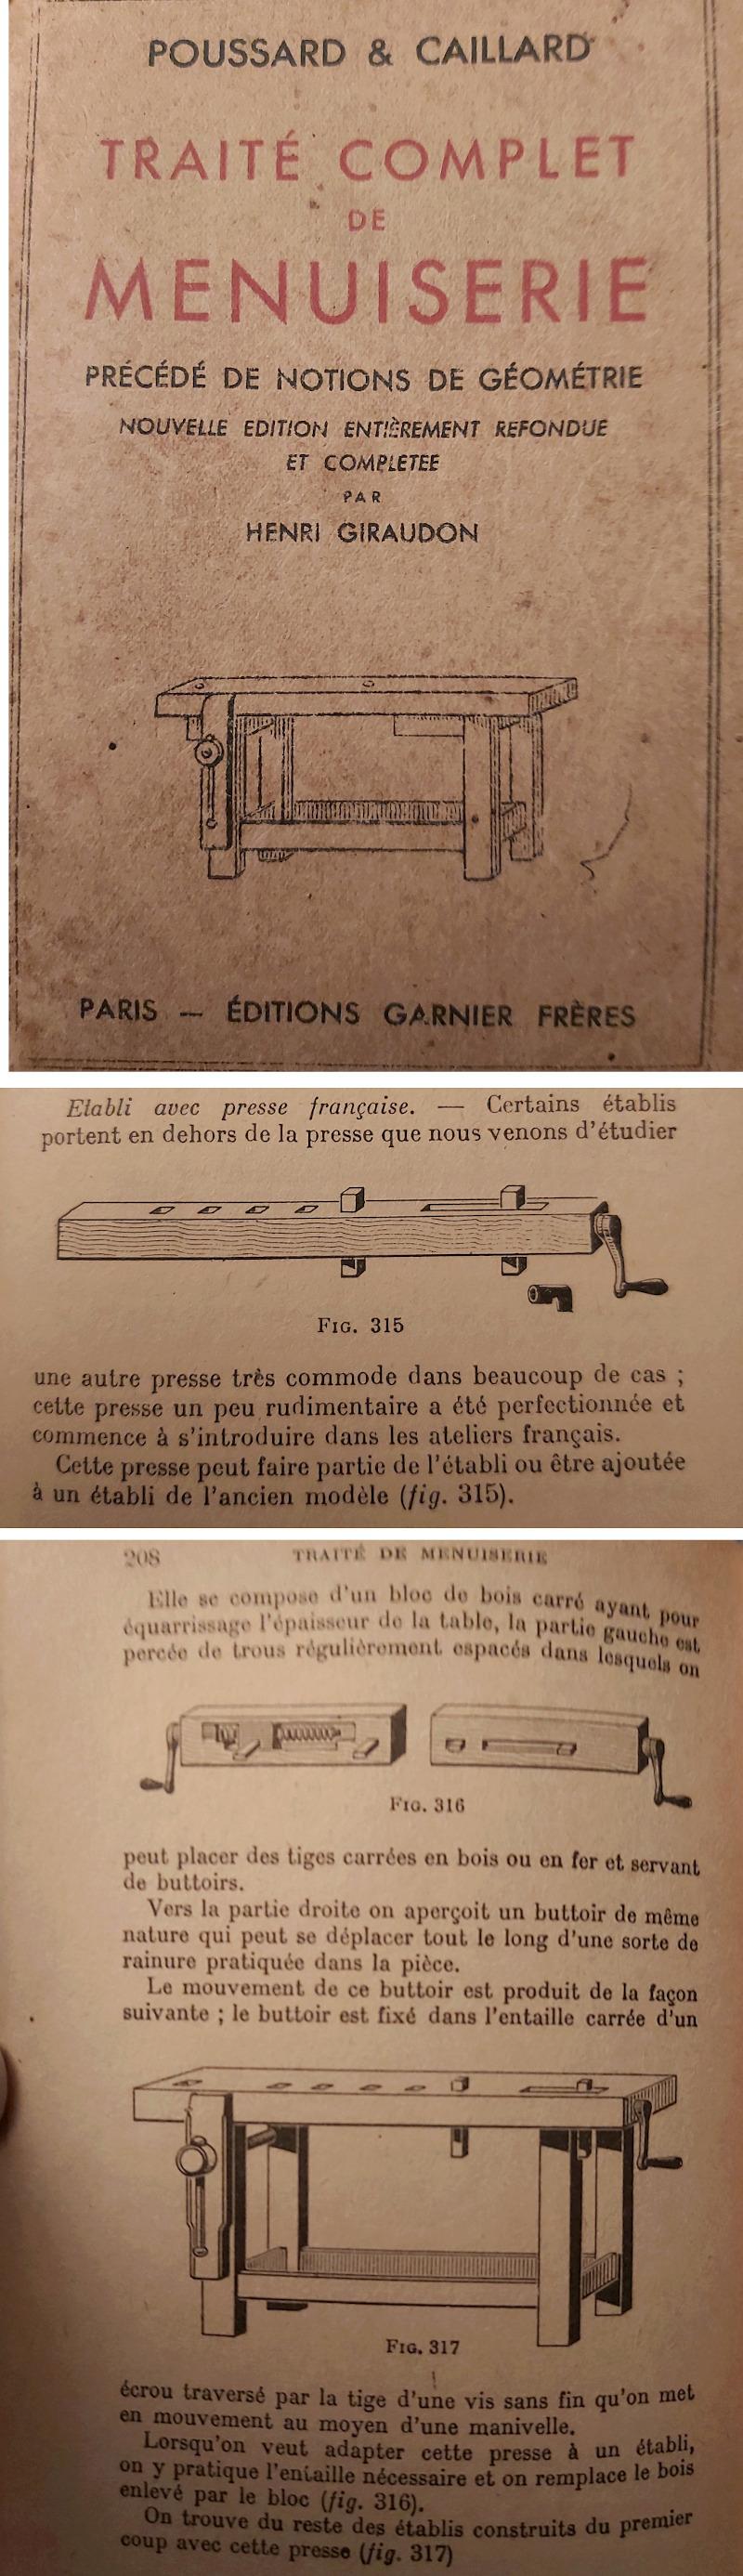 Les presses arrières ou presses de bout - Page 2 Poussa10